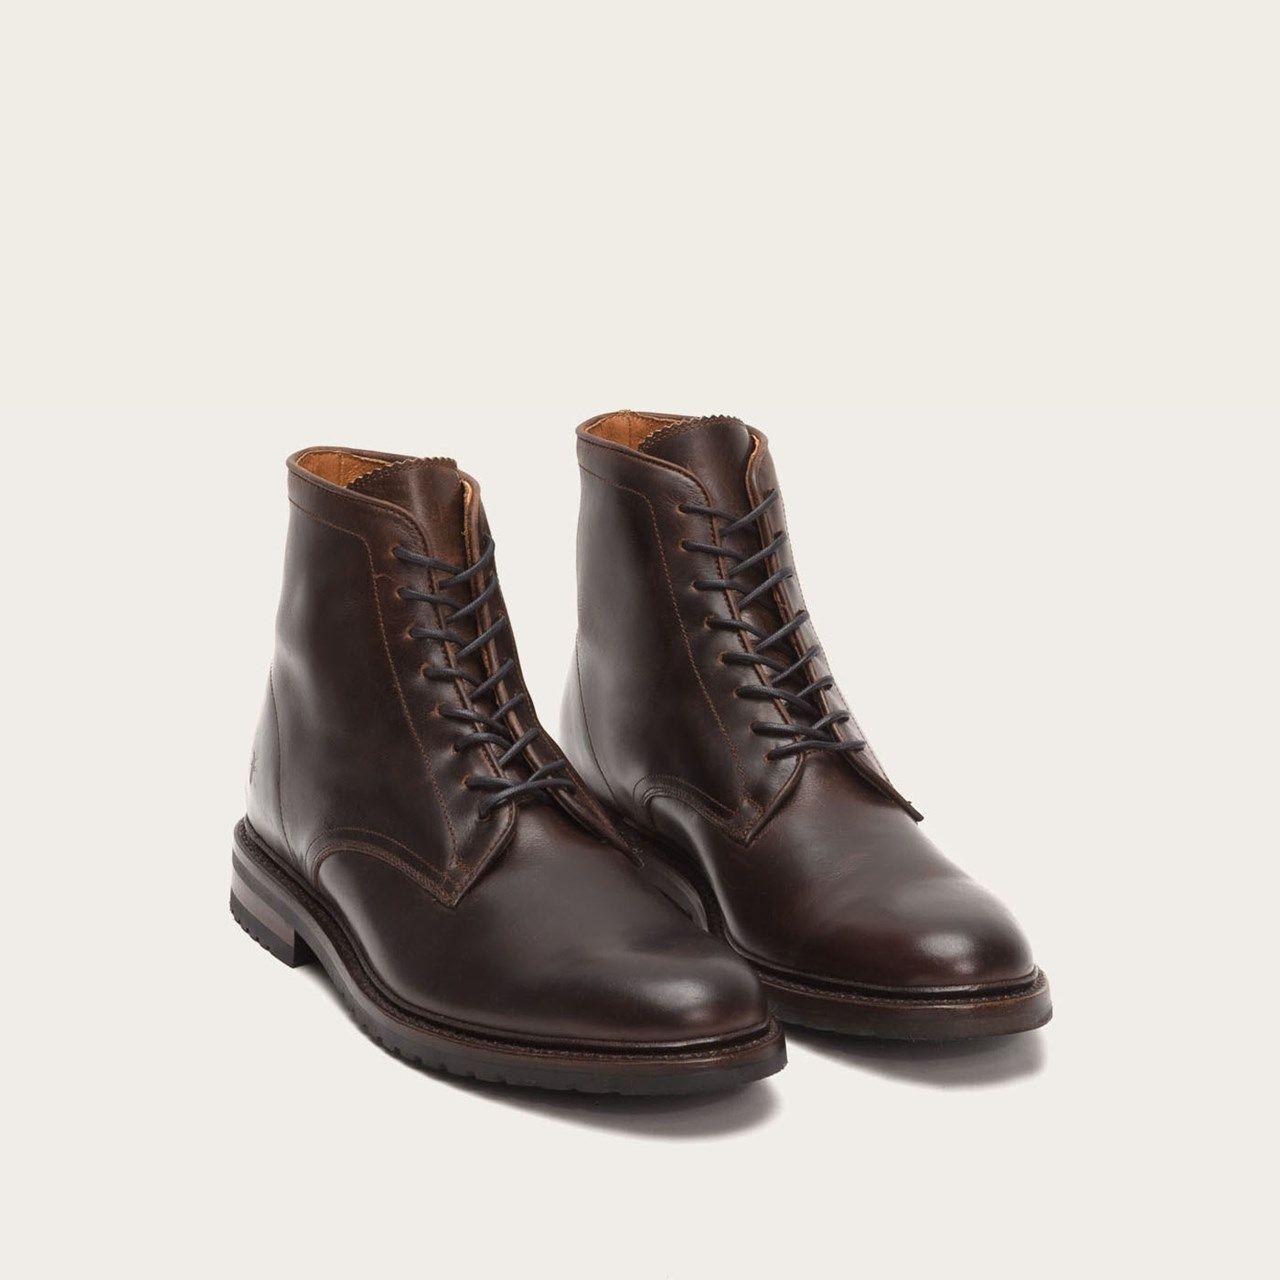 FRYE | Jones Lace Up | Boots